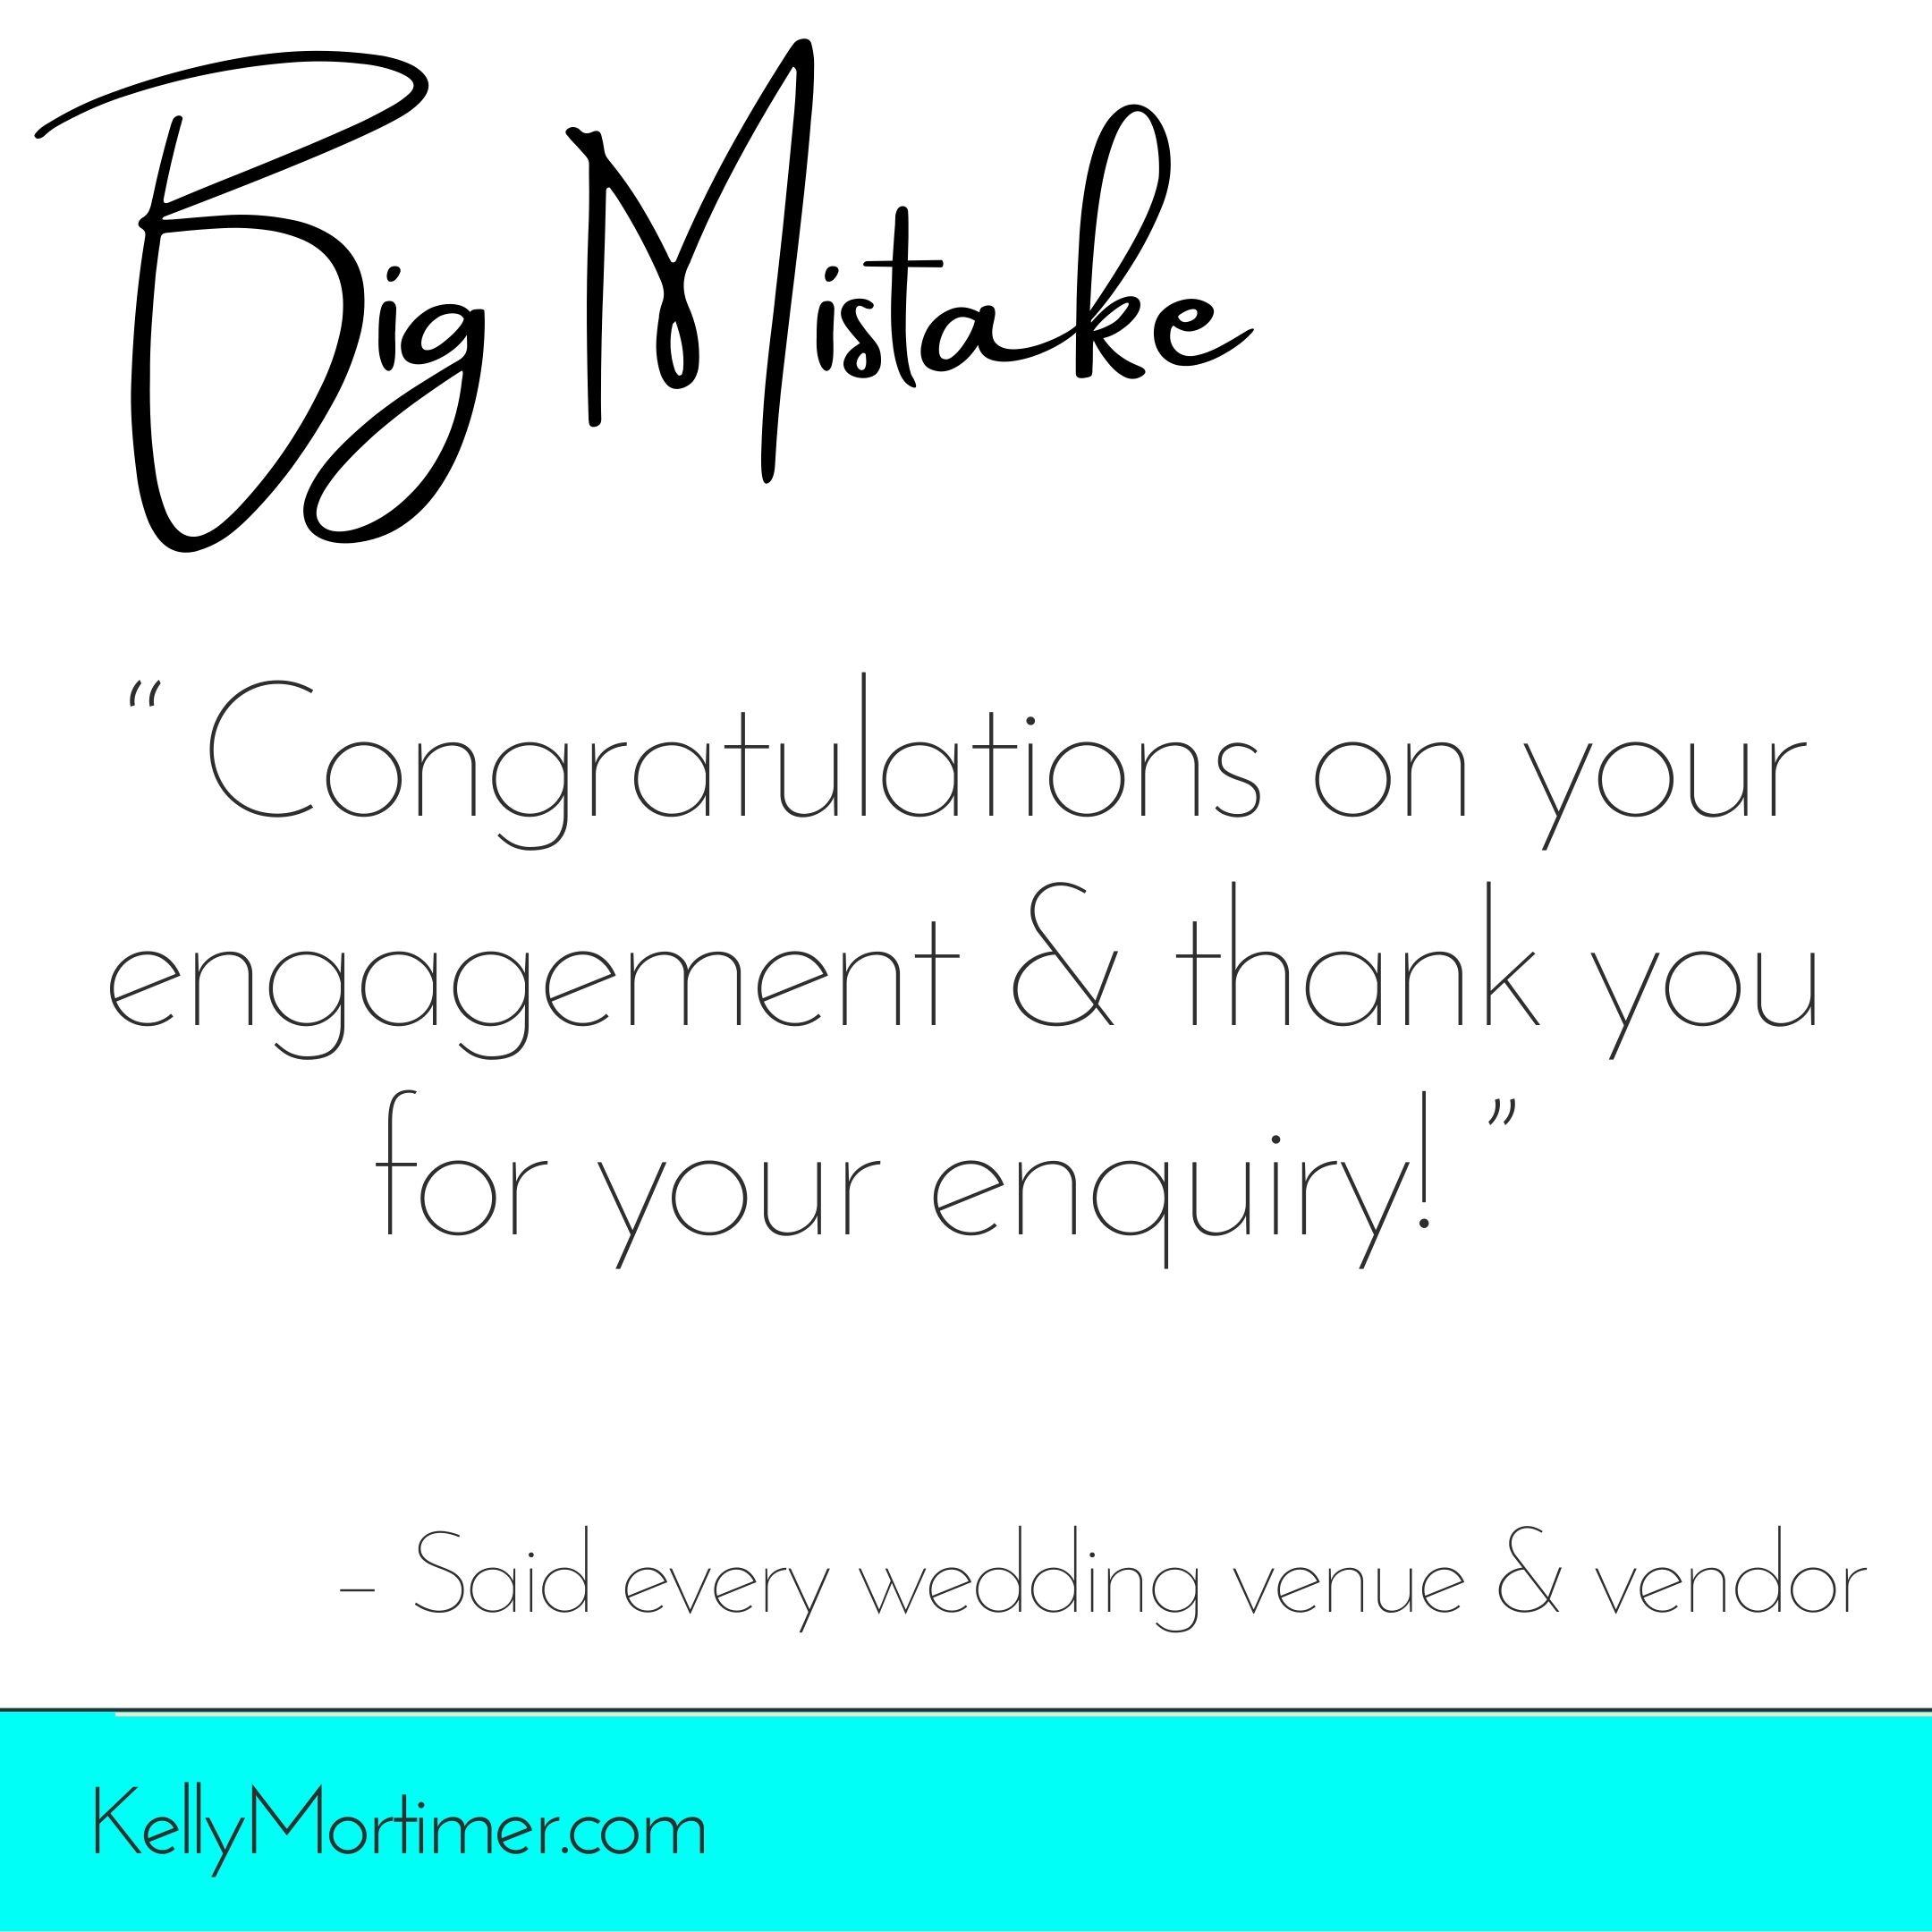 Wedding industry mistake